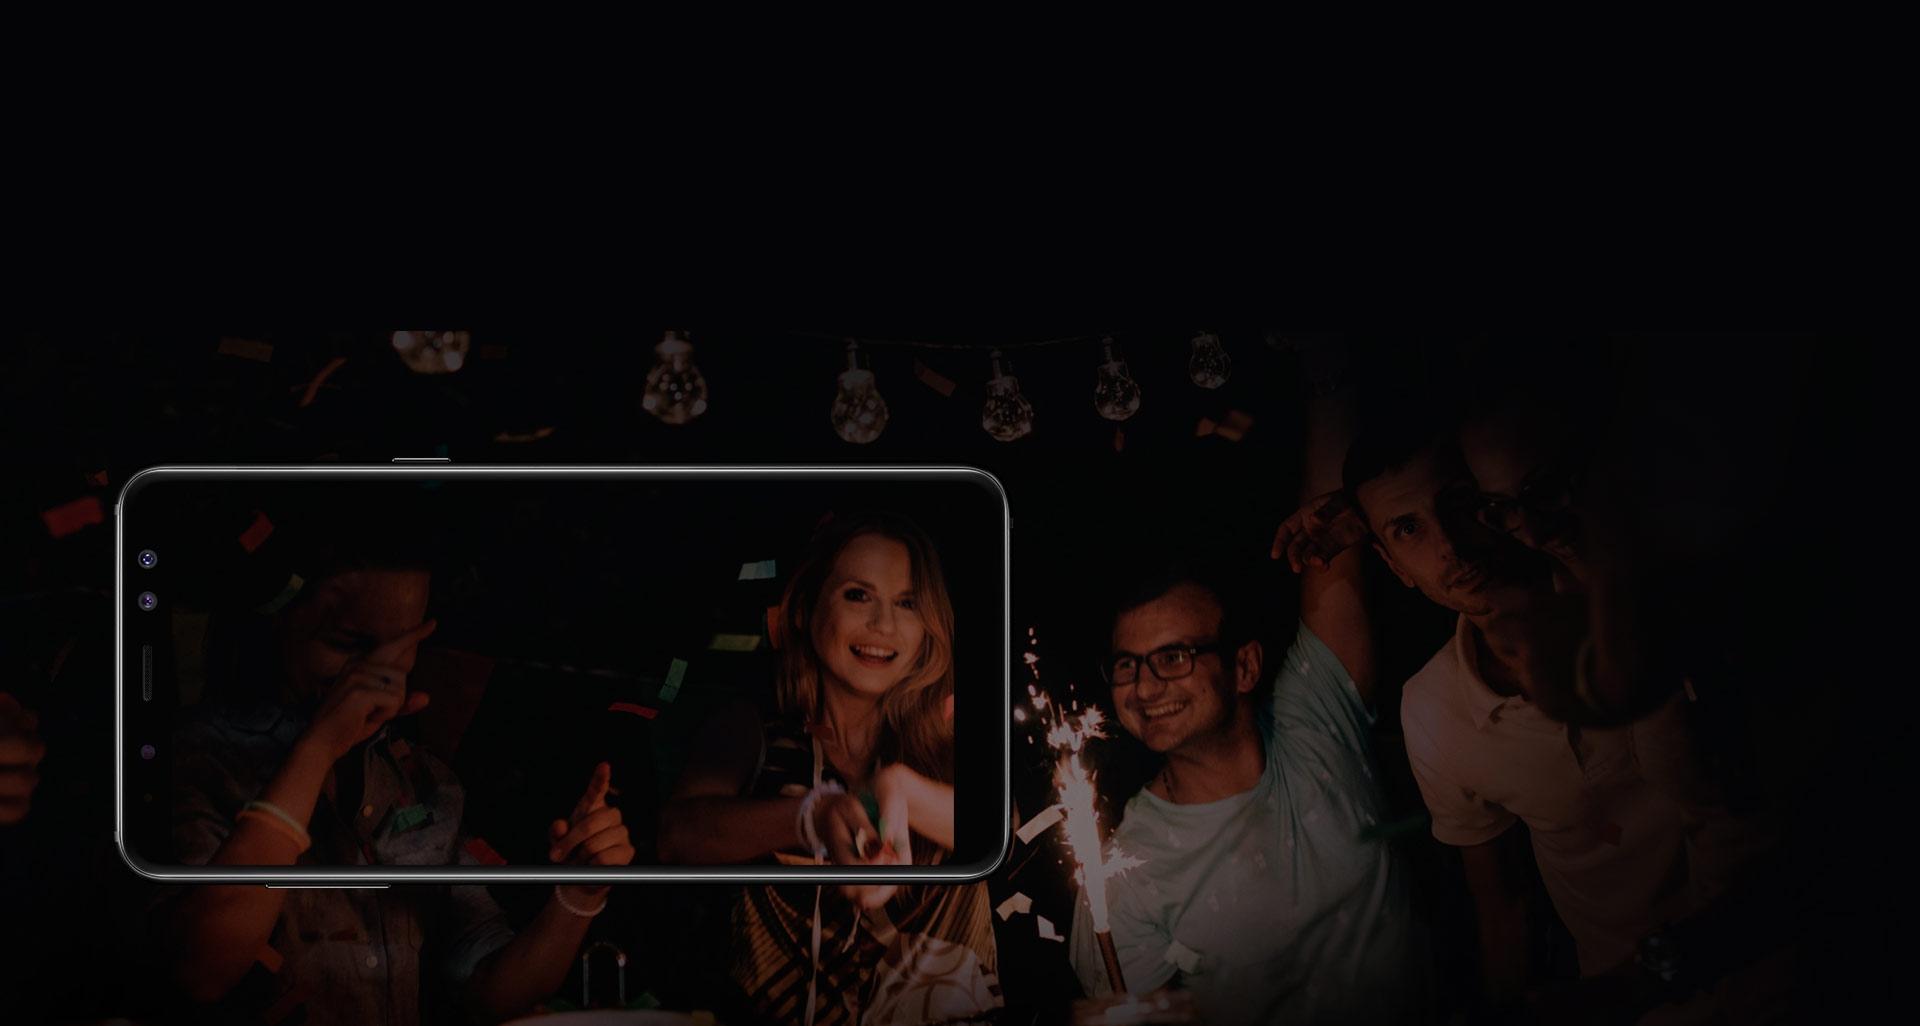 گوشی گلکسی ای 8 پلاس مناسب برای محیط های تاریک